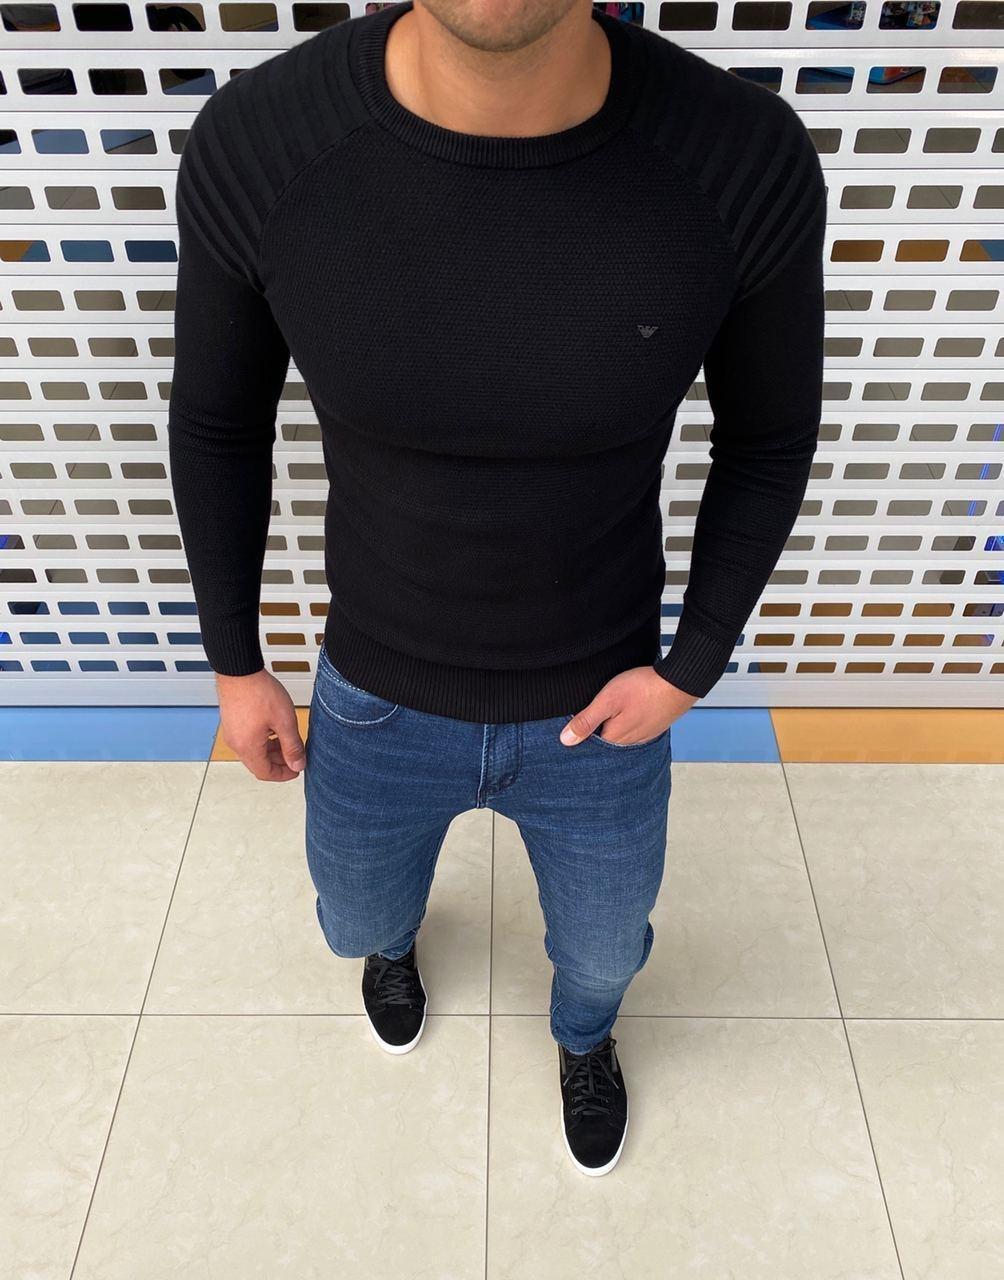 Мужская кофта на осень, стильная и комфортная. Приятный к телу материал. Качество ЛЮКС!